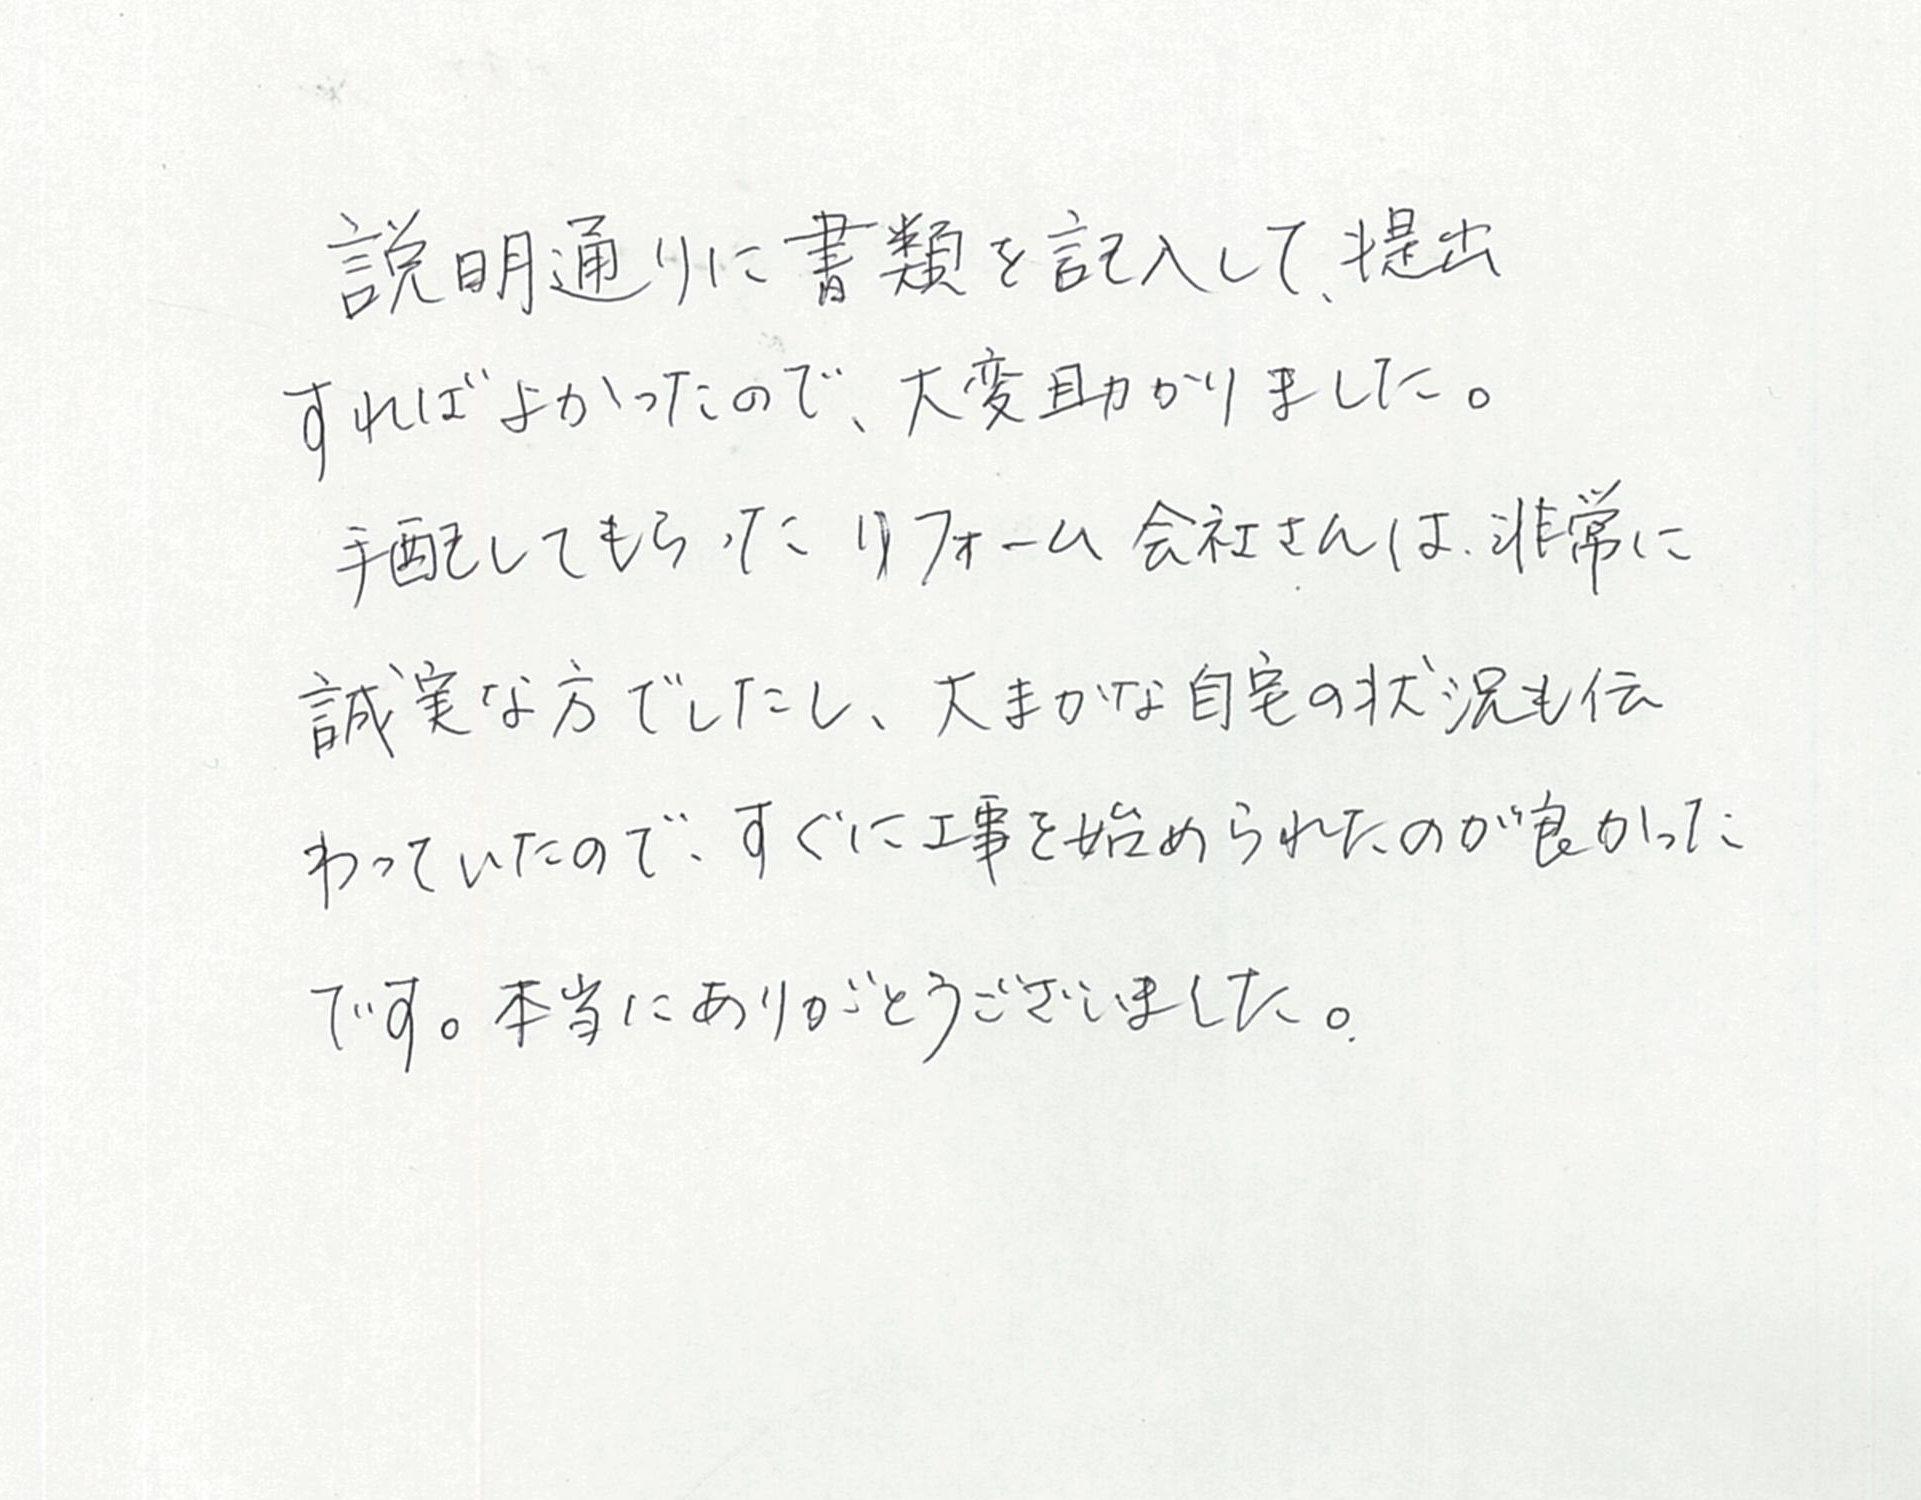 市川絵美様(愛媛県)